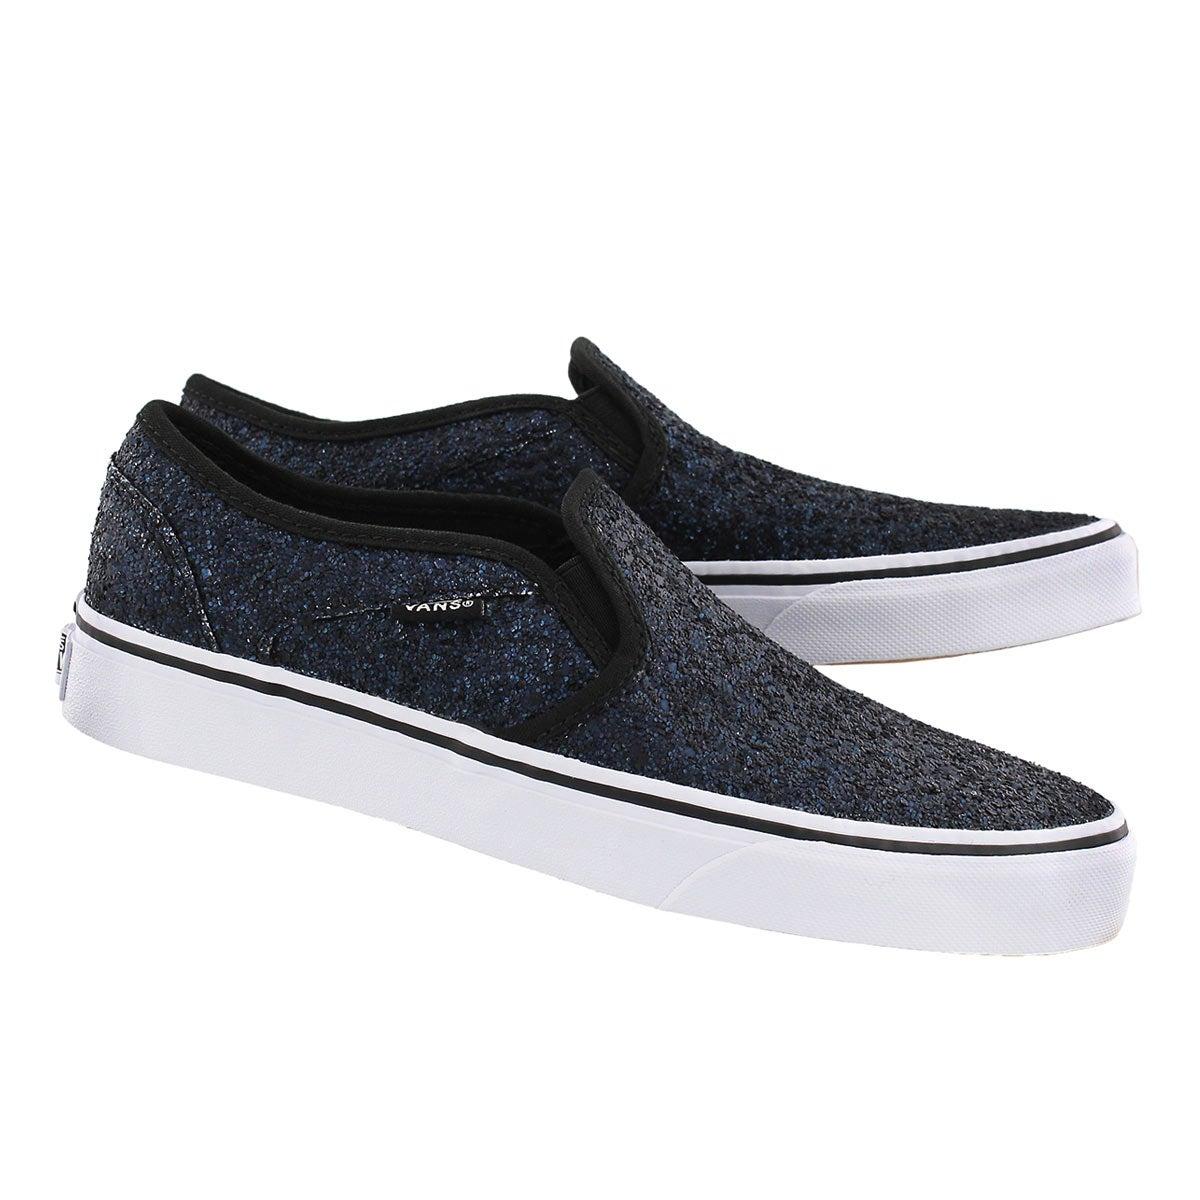 Lds Asher midnight blue slip on sneaker